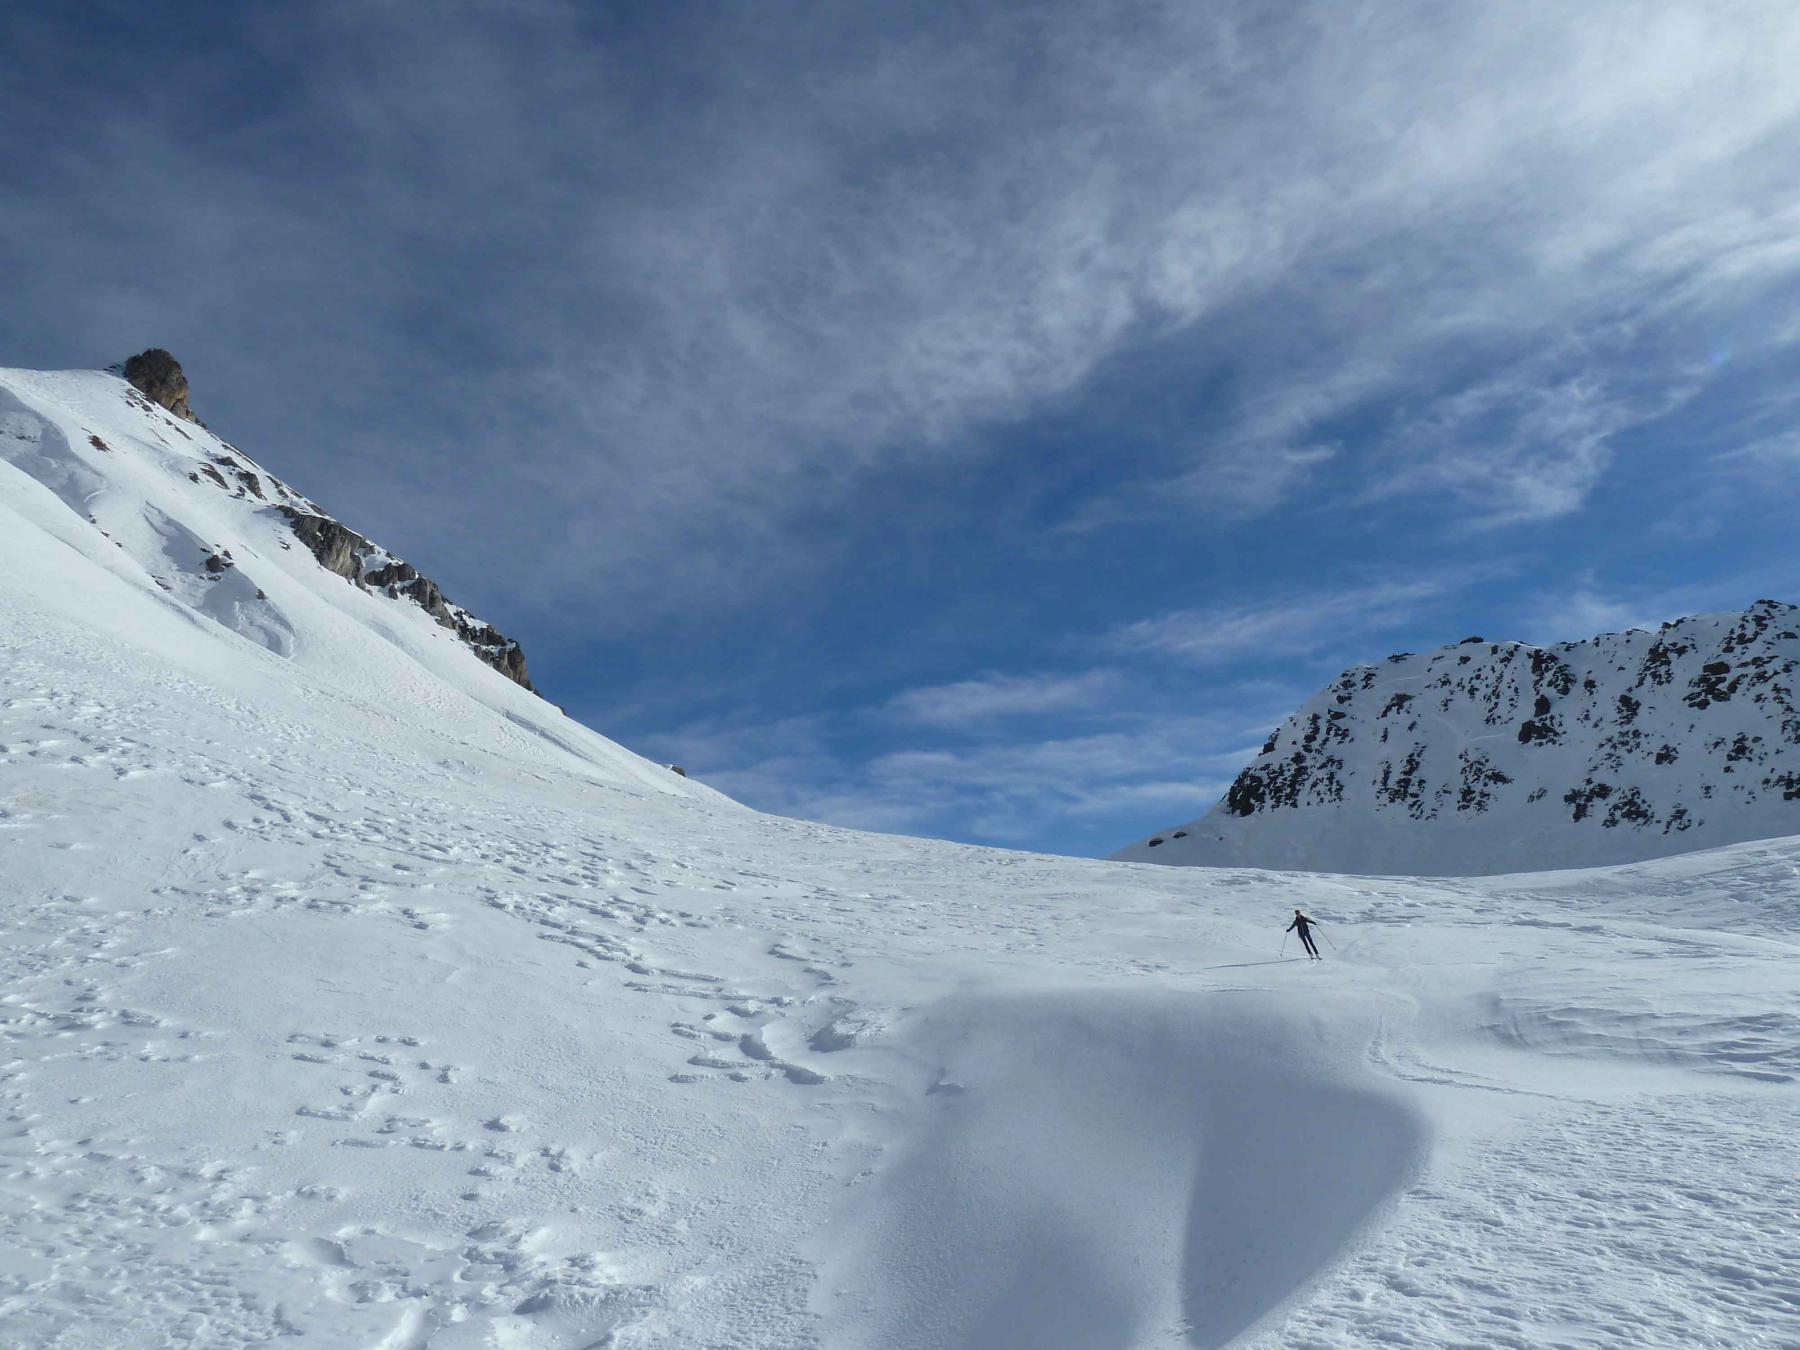 Sfruttando le lingue di neve ventata